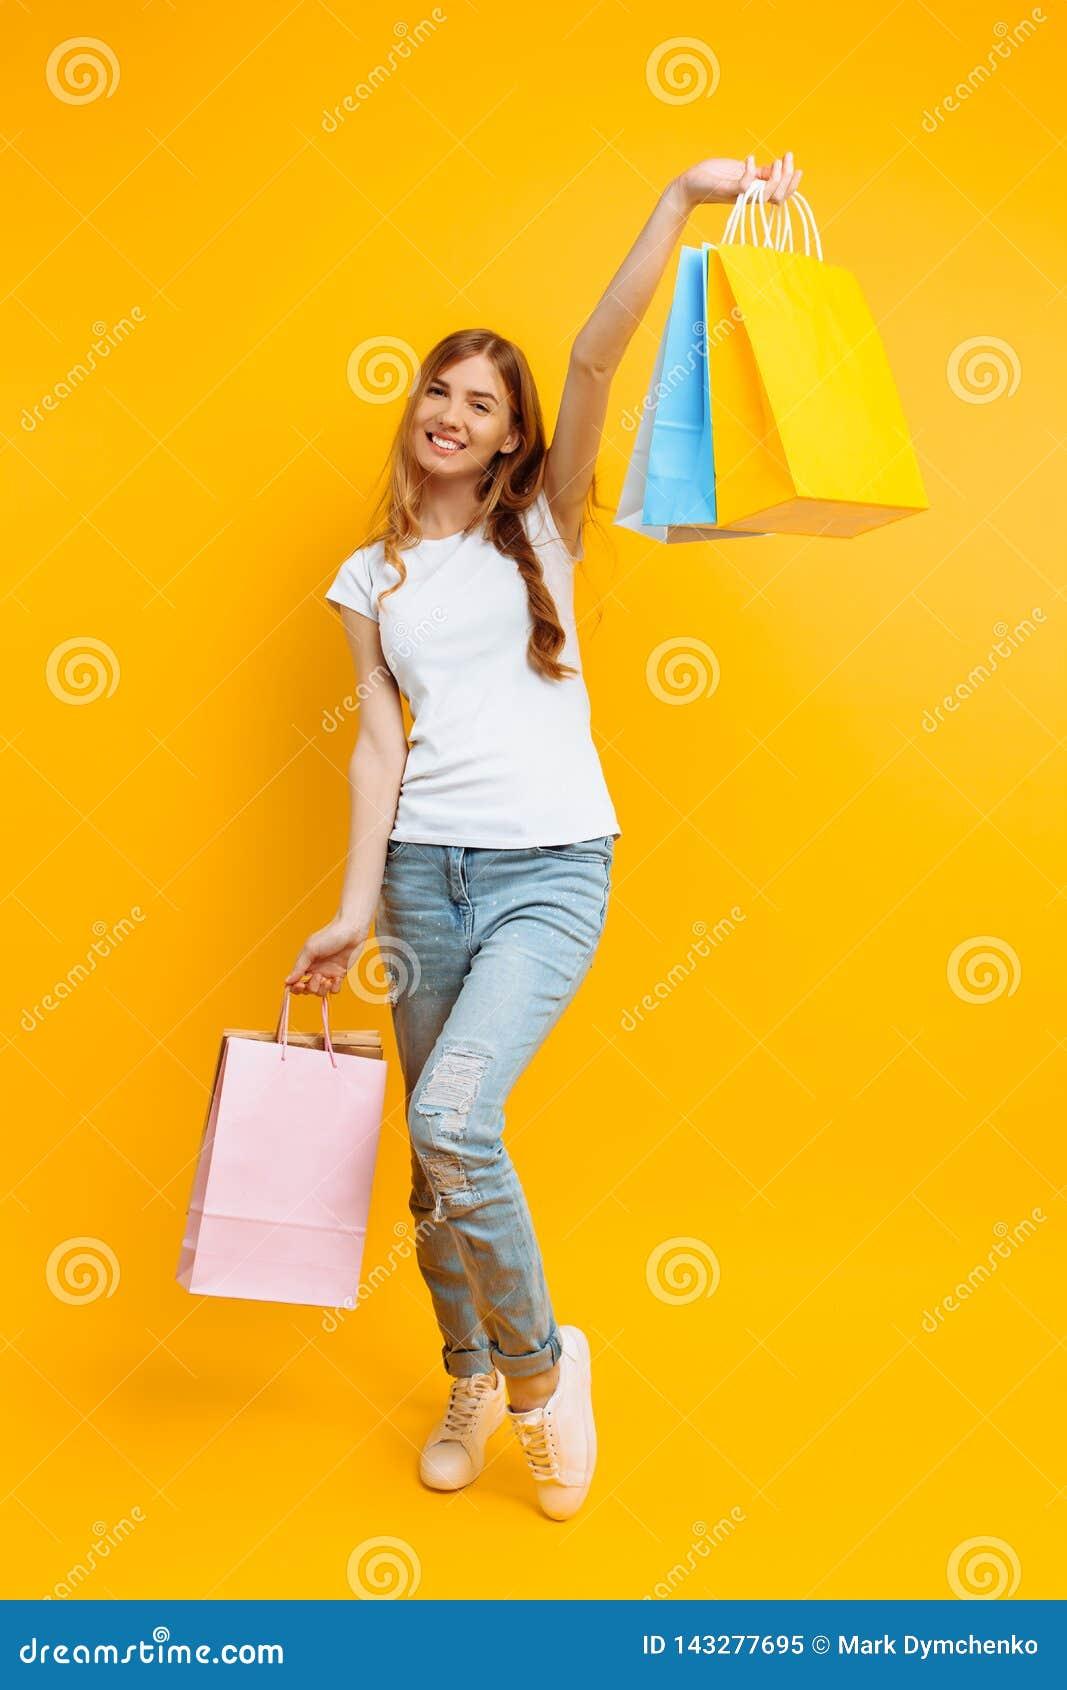 Ολόκληρο πορτρέτο μιας νέας όμορφης γυναίκας, με τις πολύχρωμες τσάντες, σε ένα κίτρινο υπόβαθρο